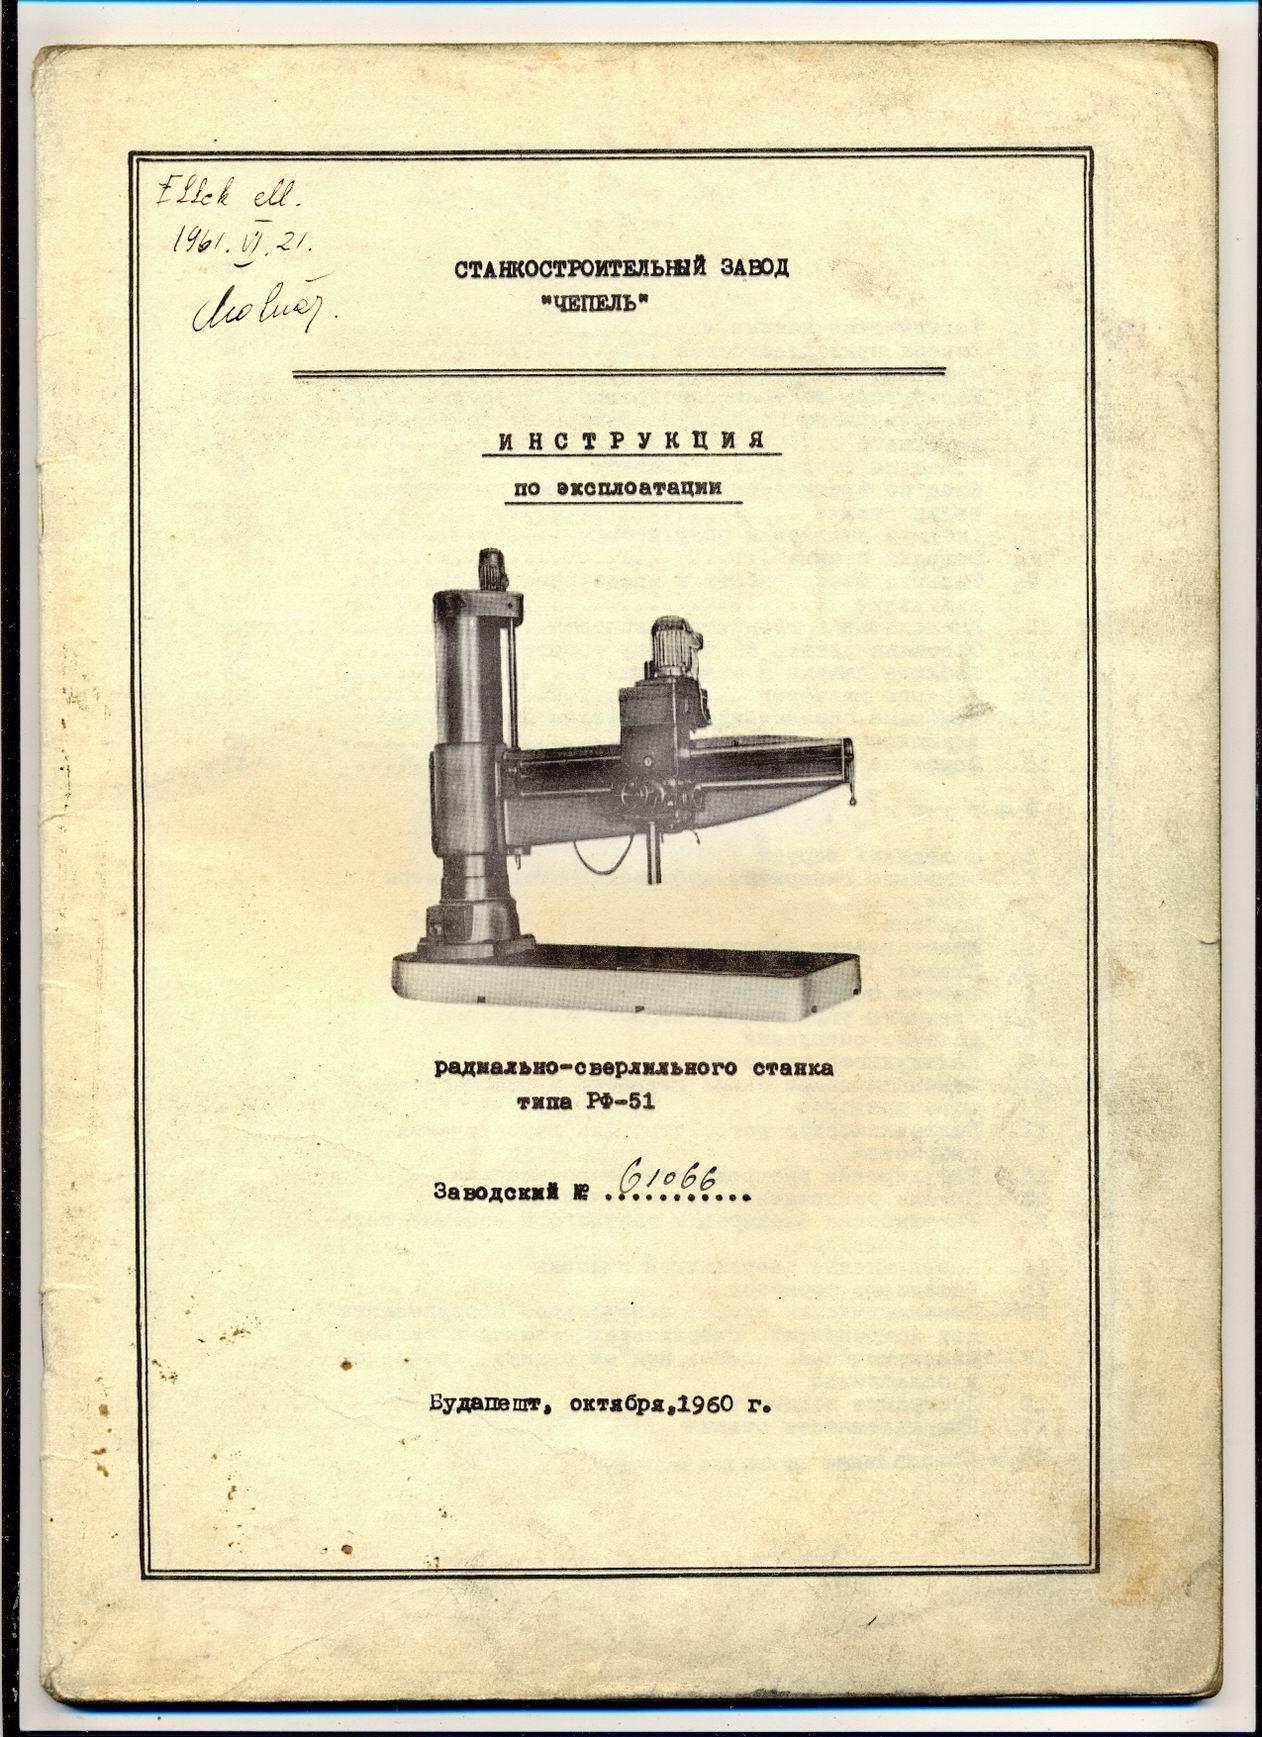 Радиально-сверлильный станок 2м55: технические характеристики